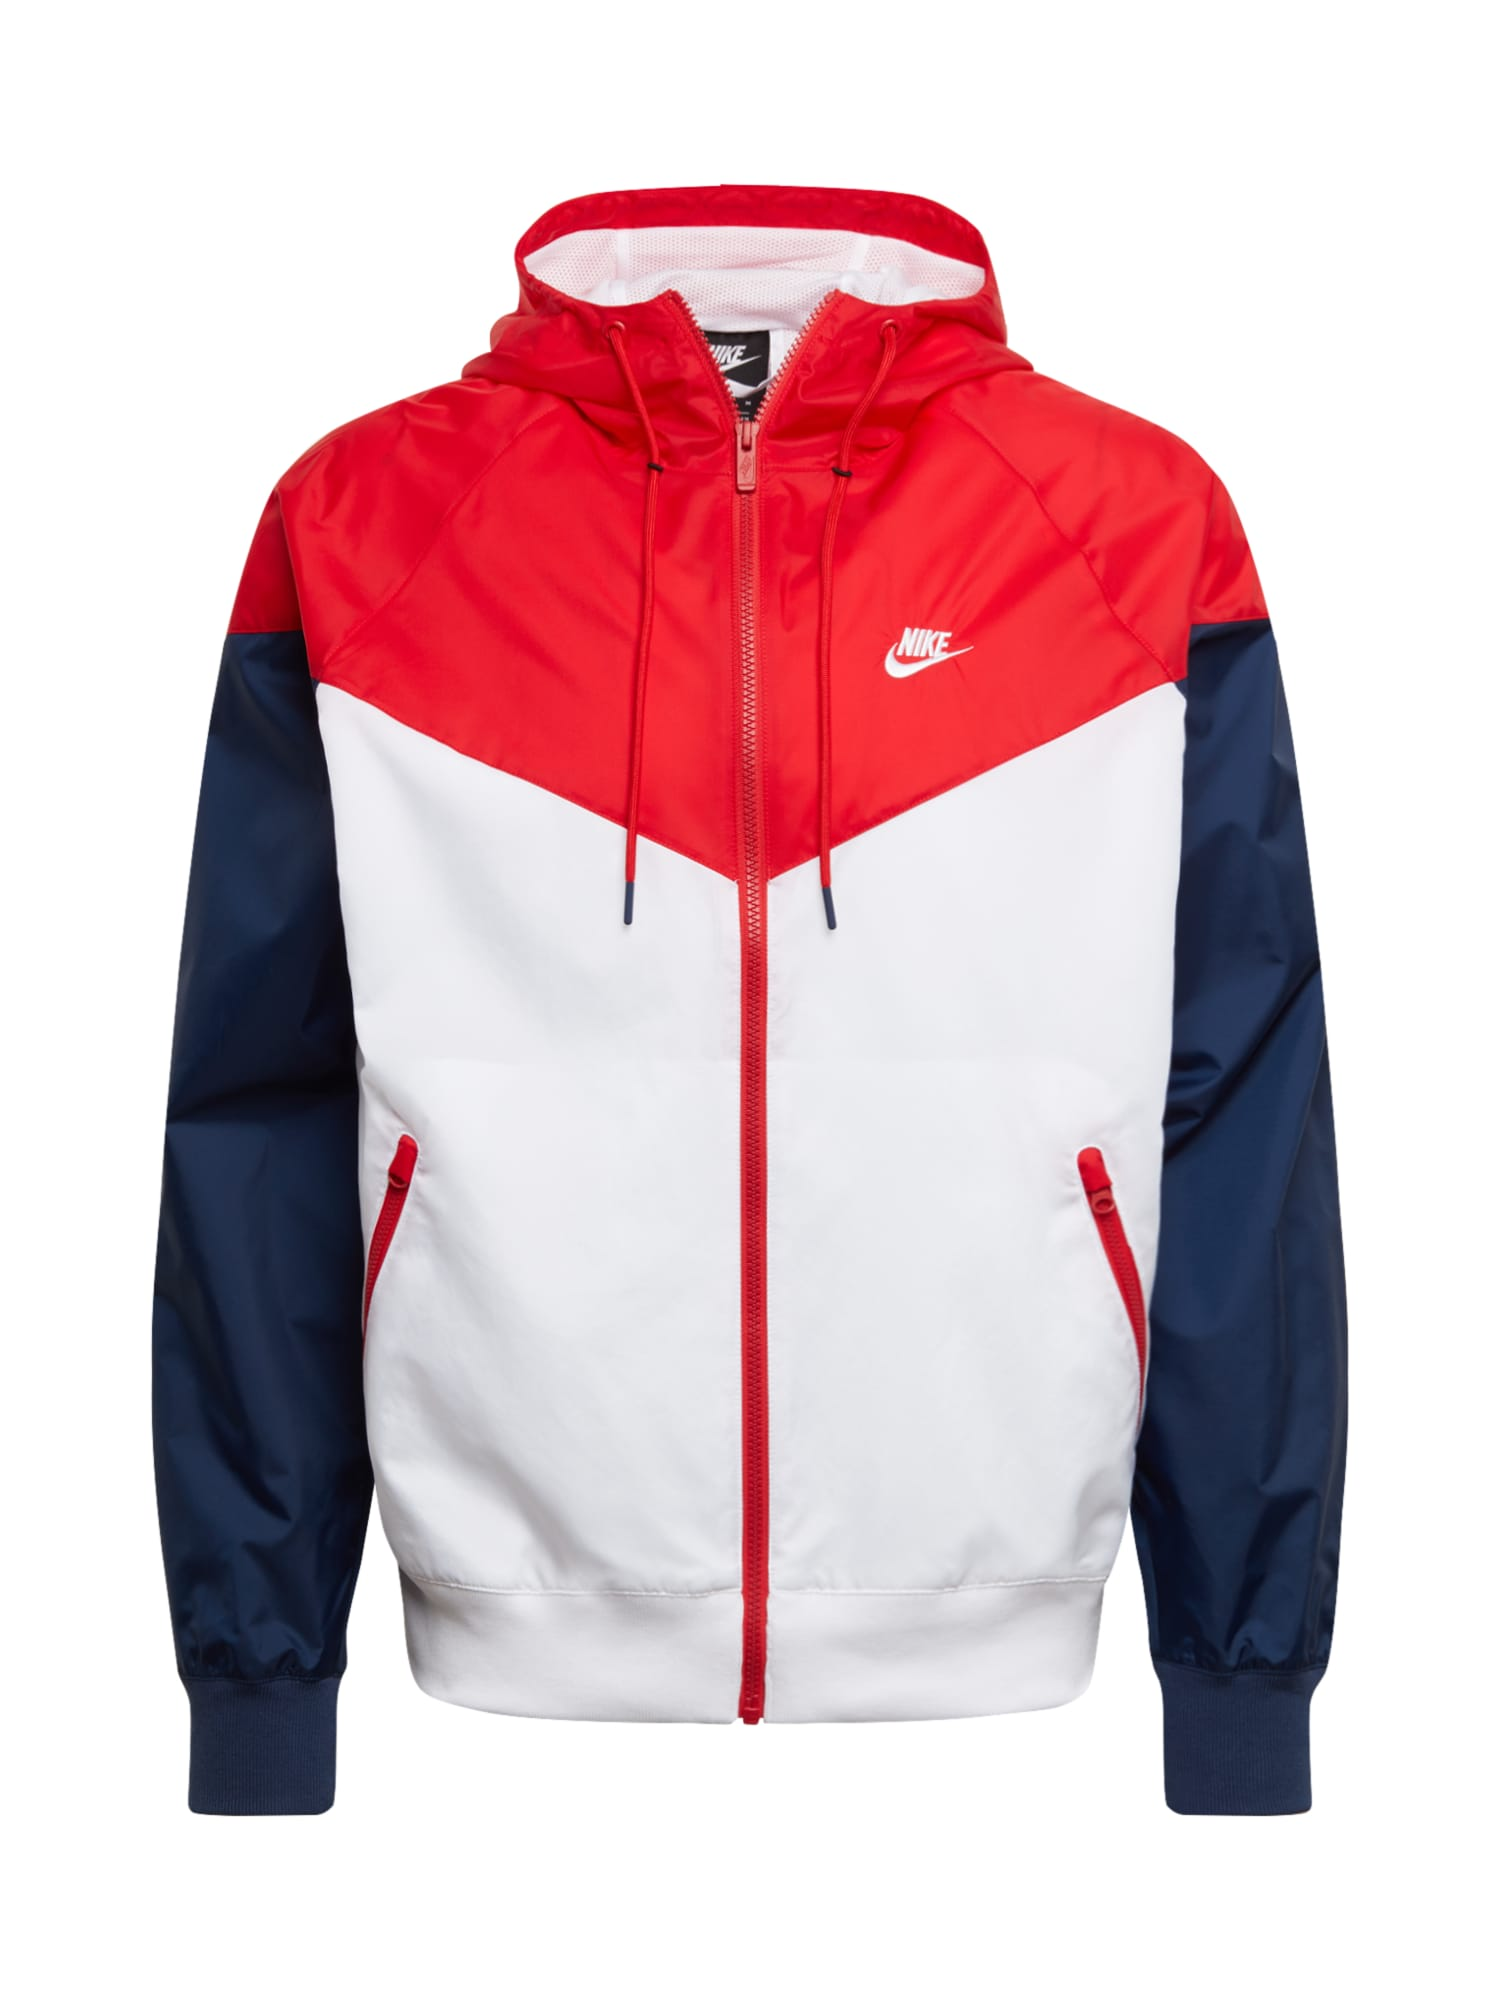 Nike Sportswear Demisezoninė striukė raudona / tamsiai mėlyna / balta